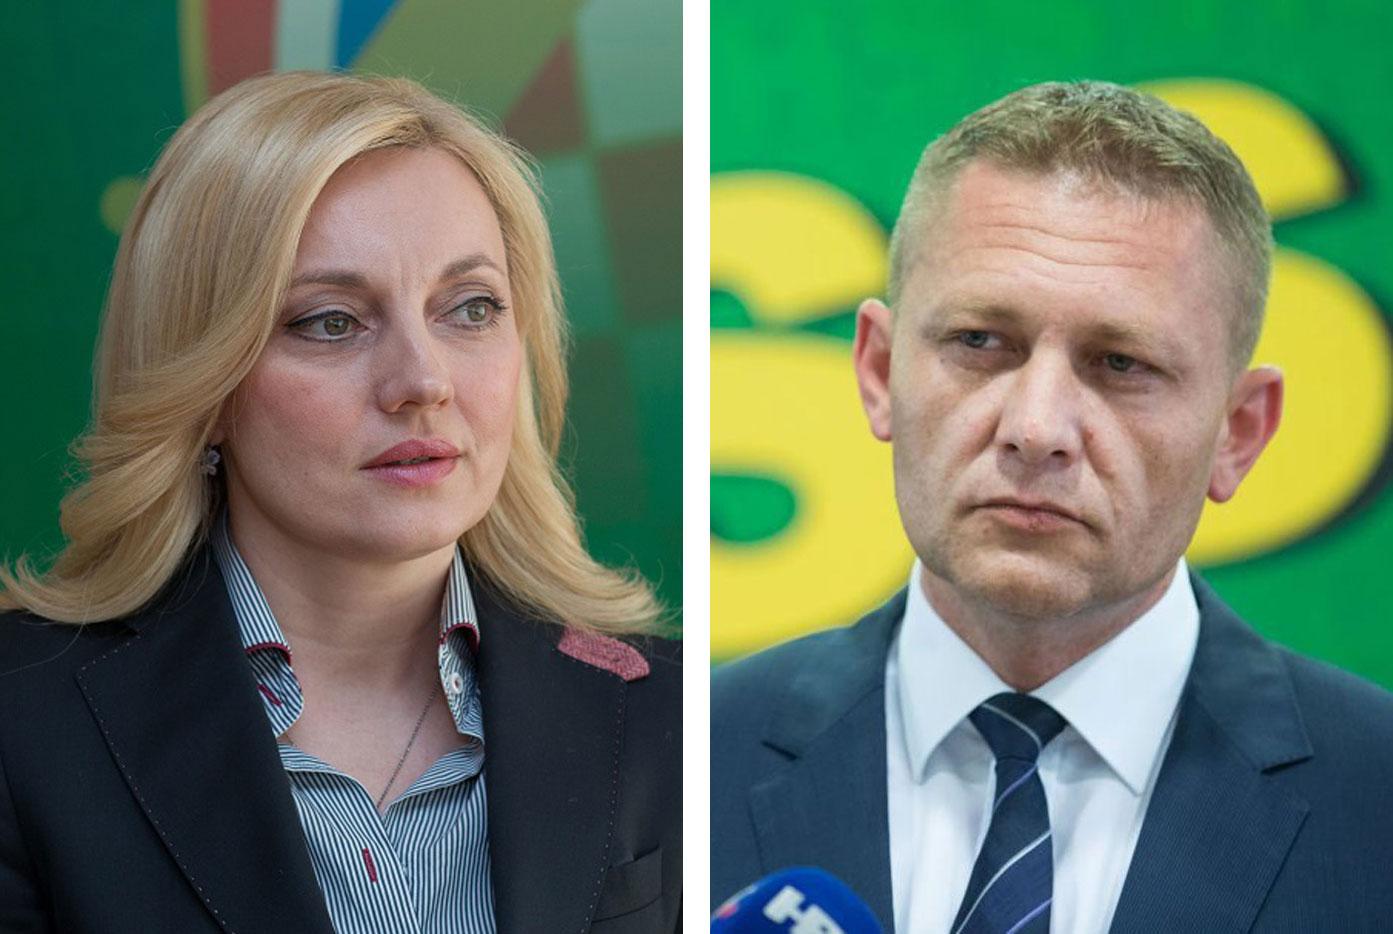 Nakon što je Petir poručila da ne želi da Beljak harači državom, Beljakov HSS ustvrdio: 'Ona je naštetila ugledu i časti HSS-a'